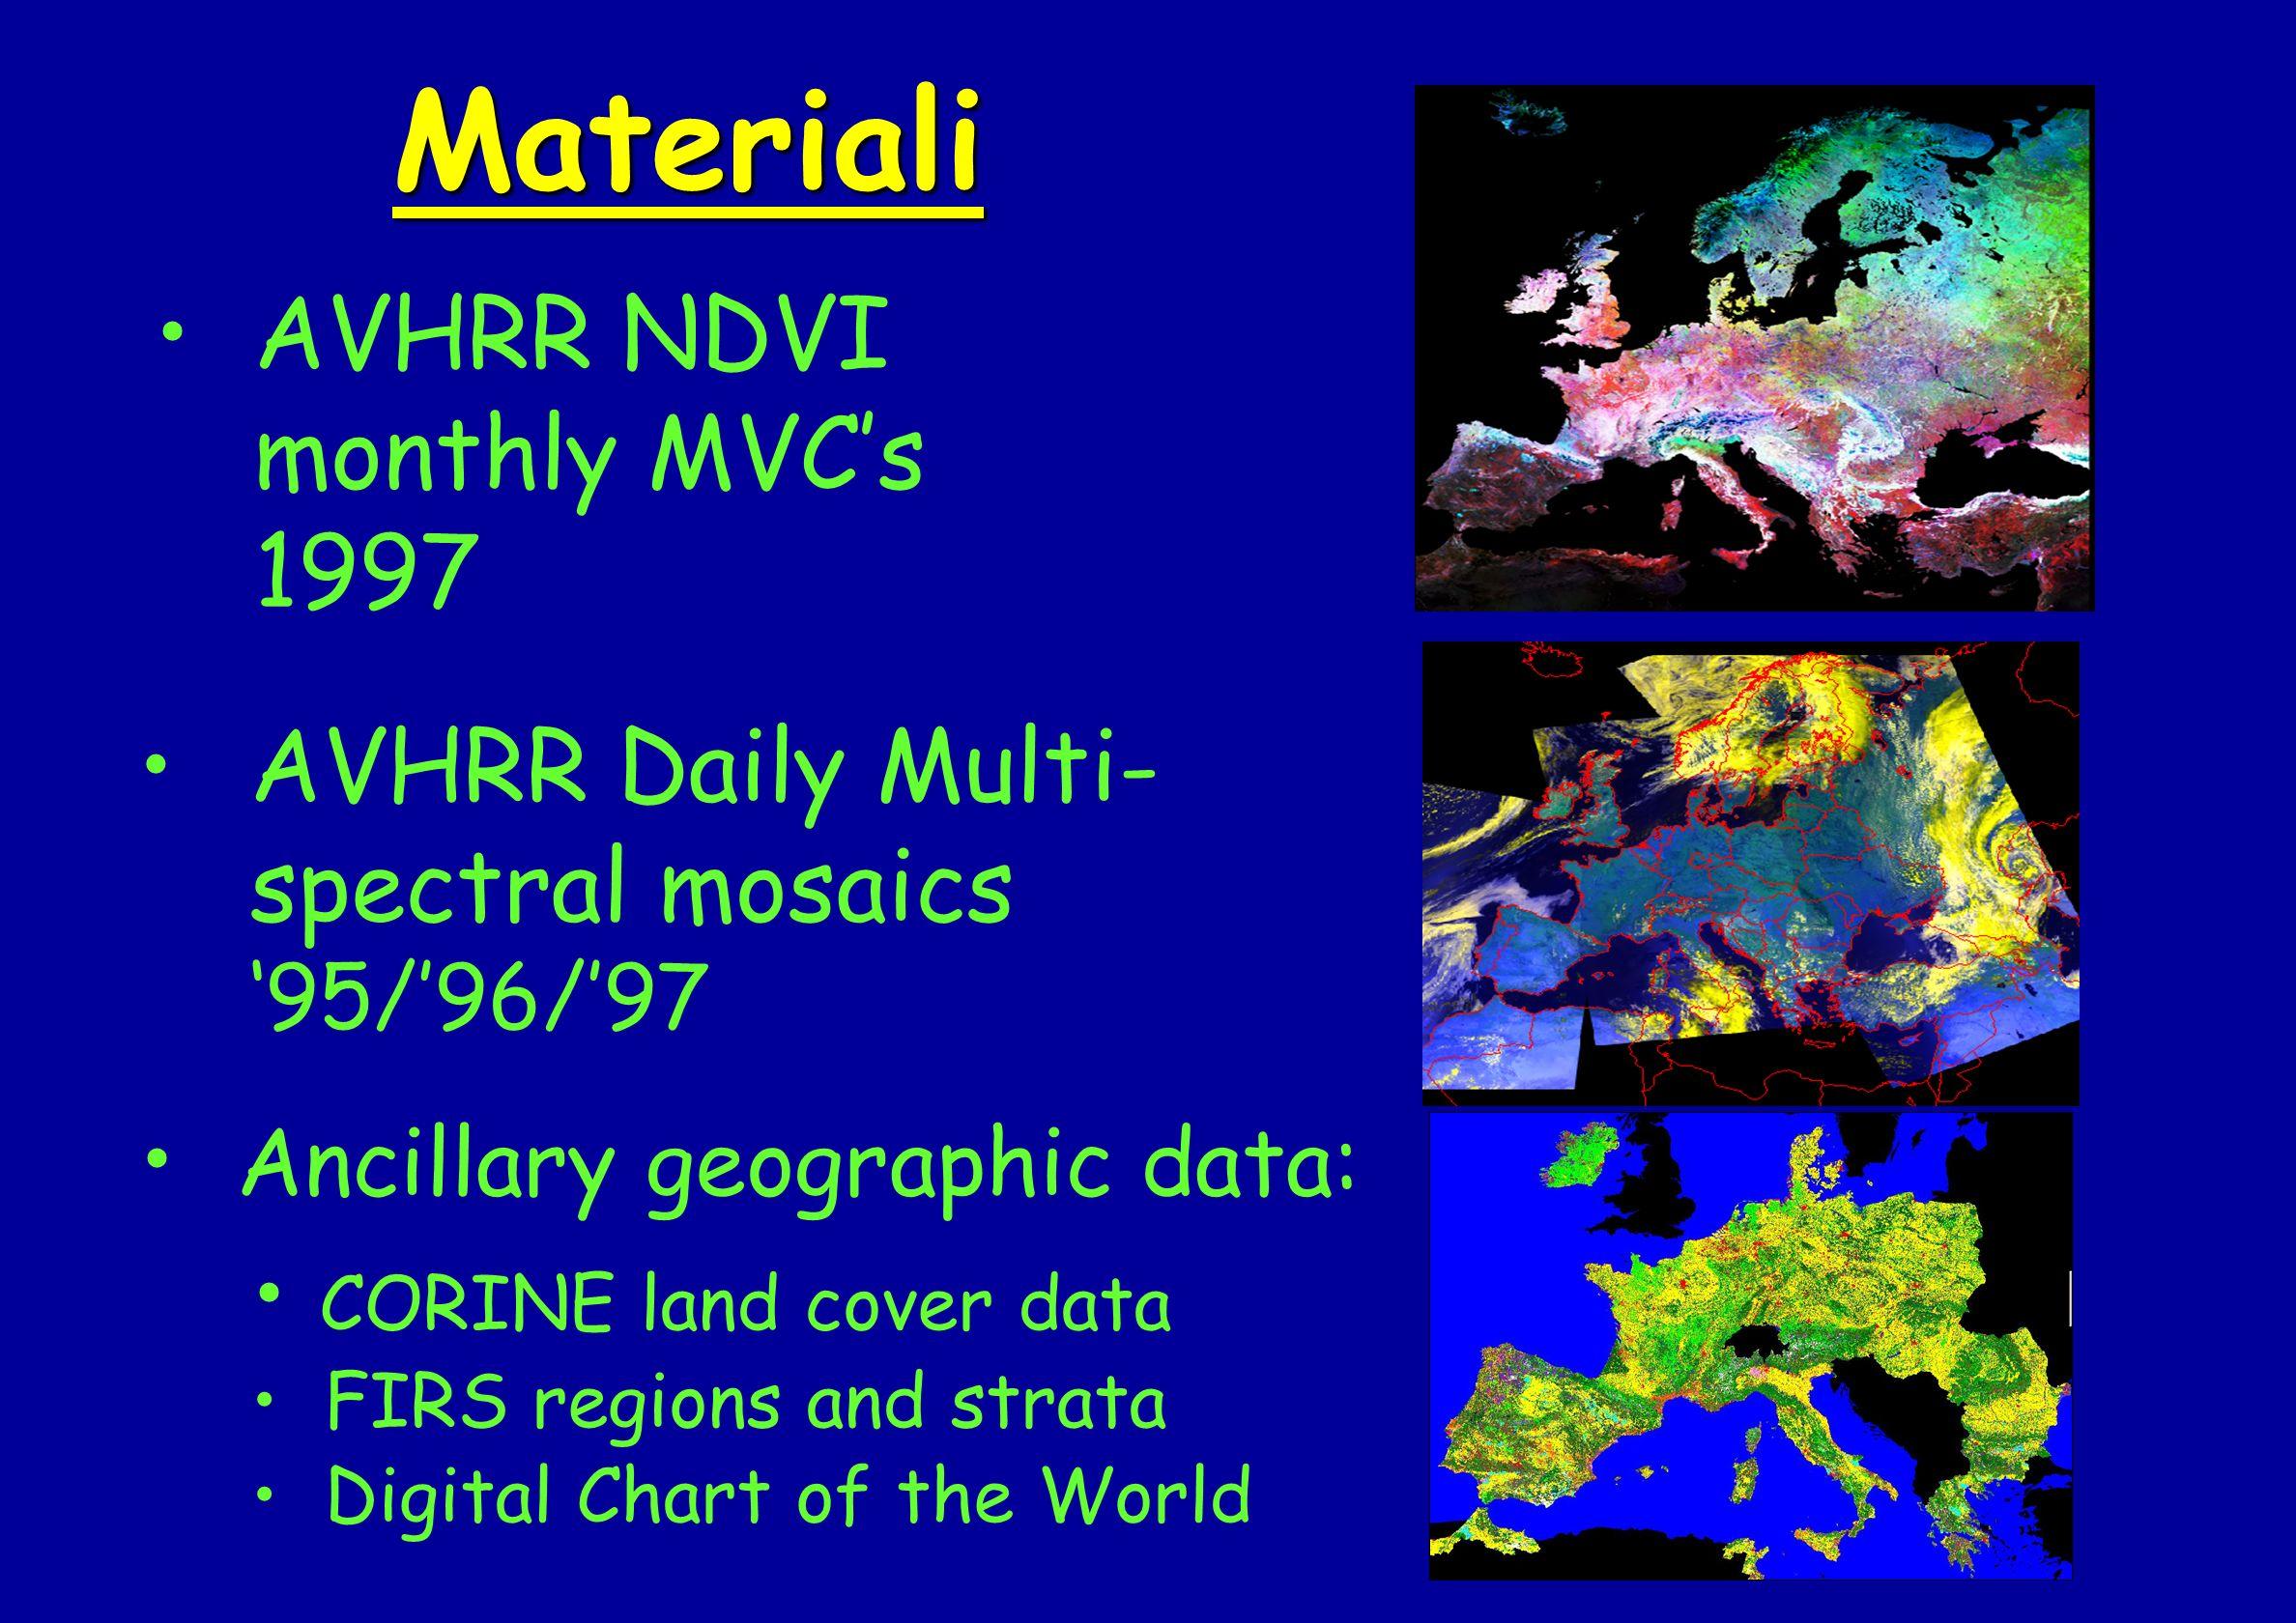 Materiali AVHRR NDVI monthly MVC's 1997